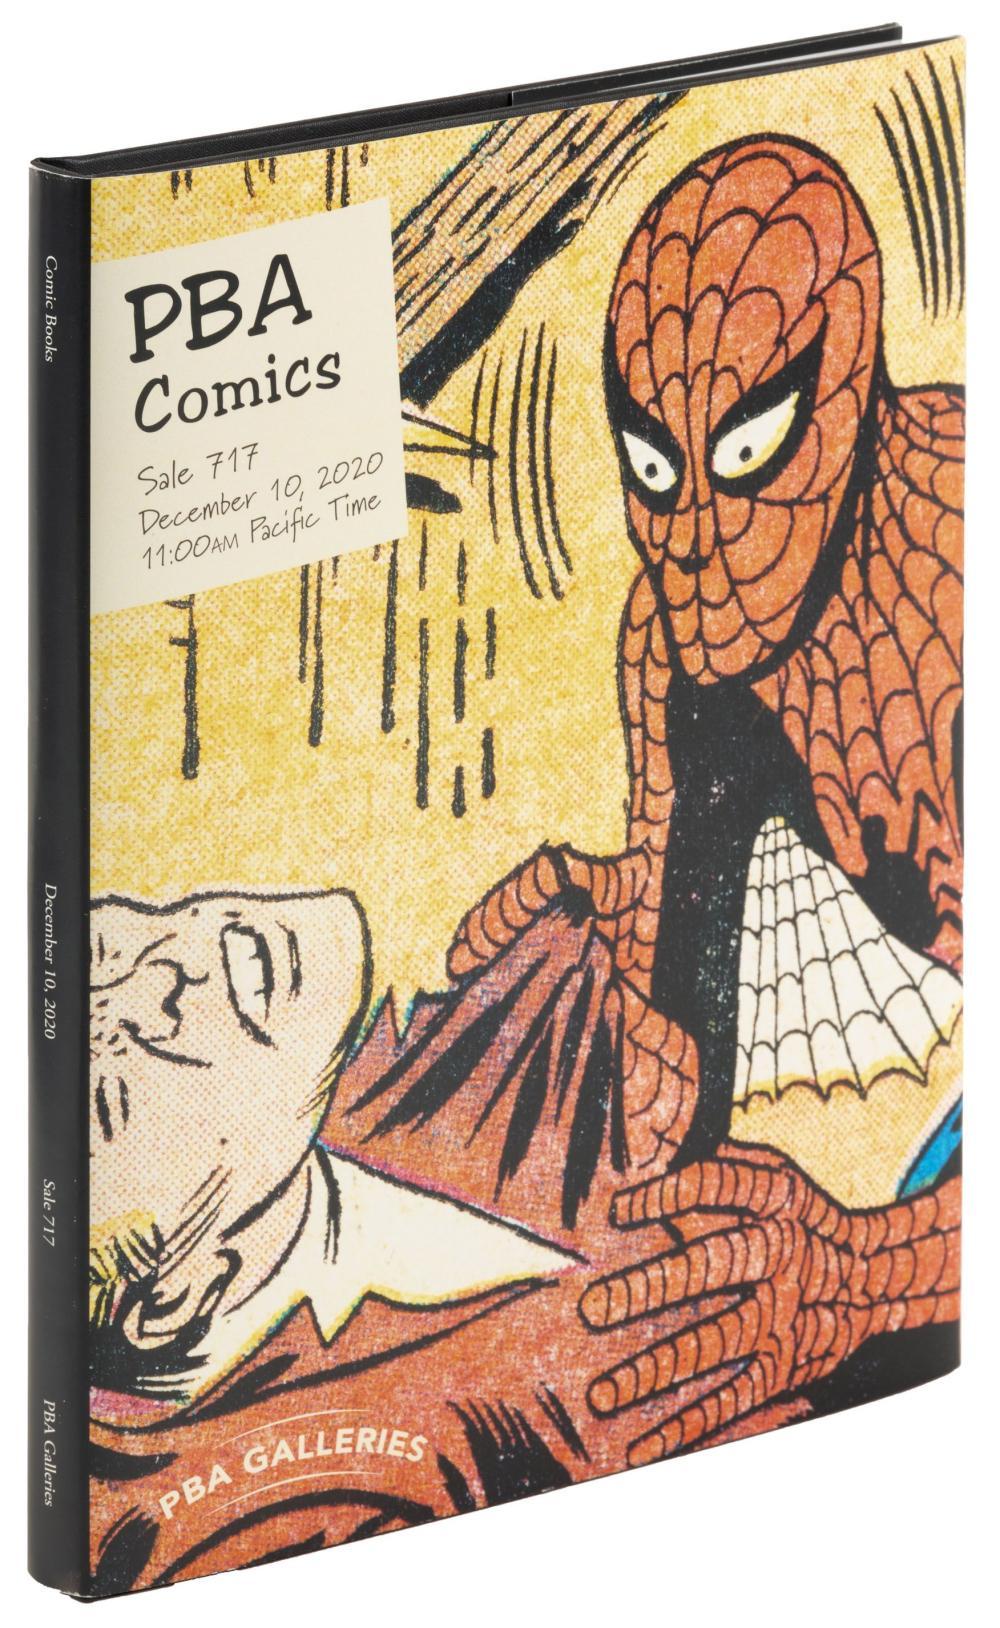 PBA COMICS Hardcover Ltd Edition CATALOGUE * Pre-Code HORROR * 1 of 15 Copies